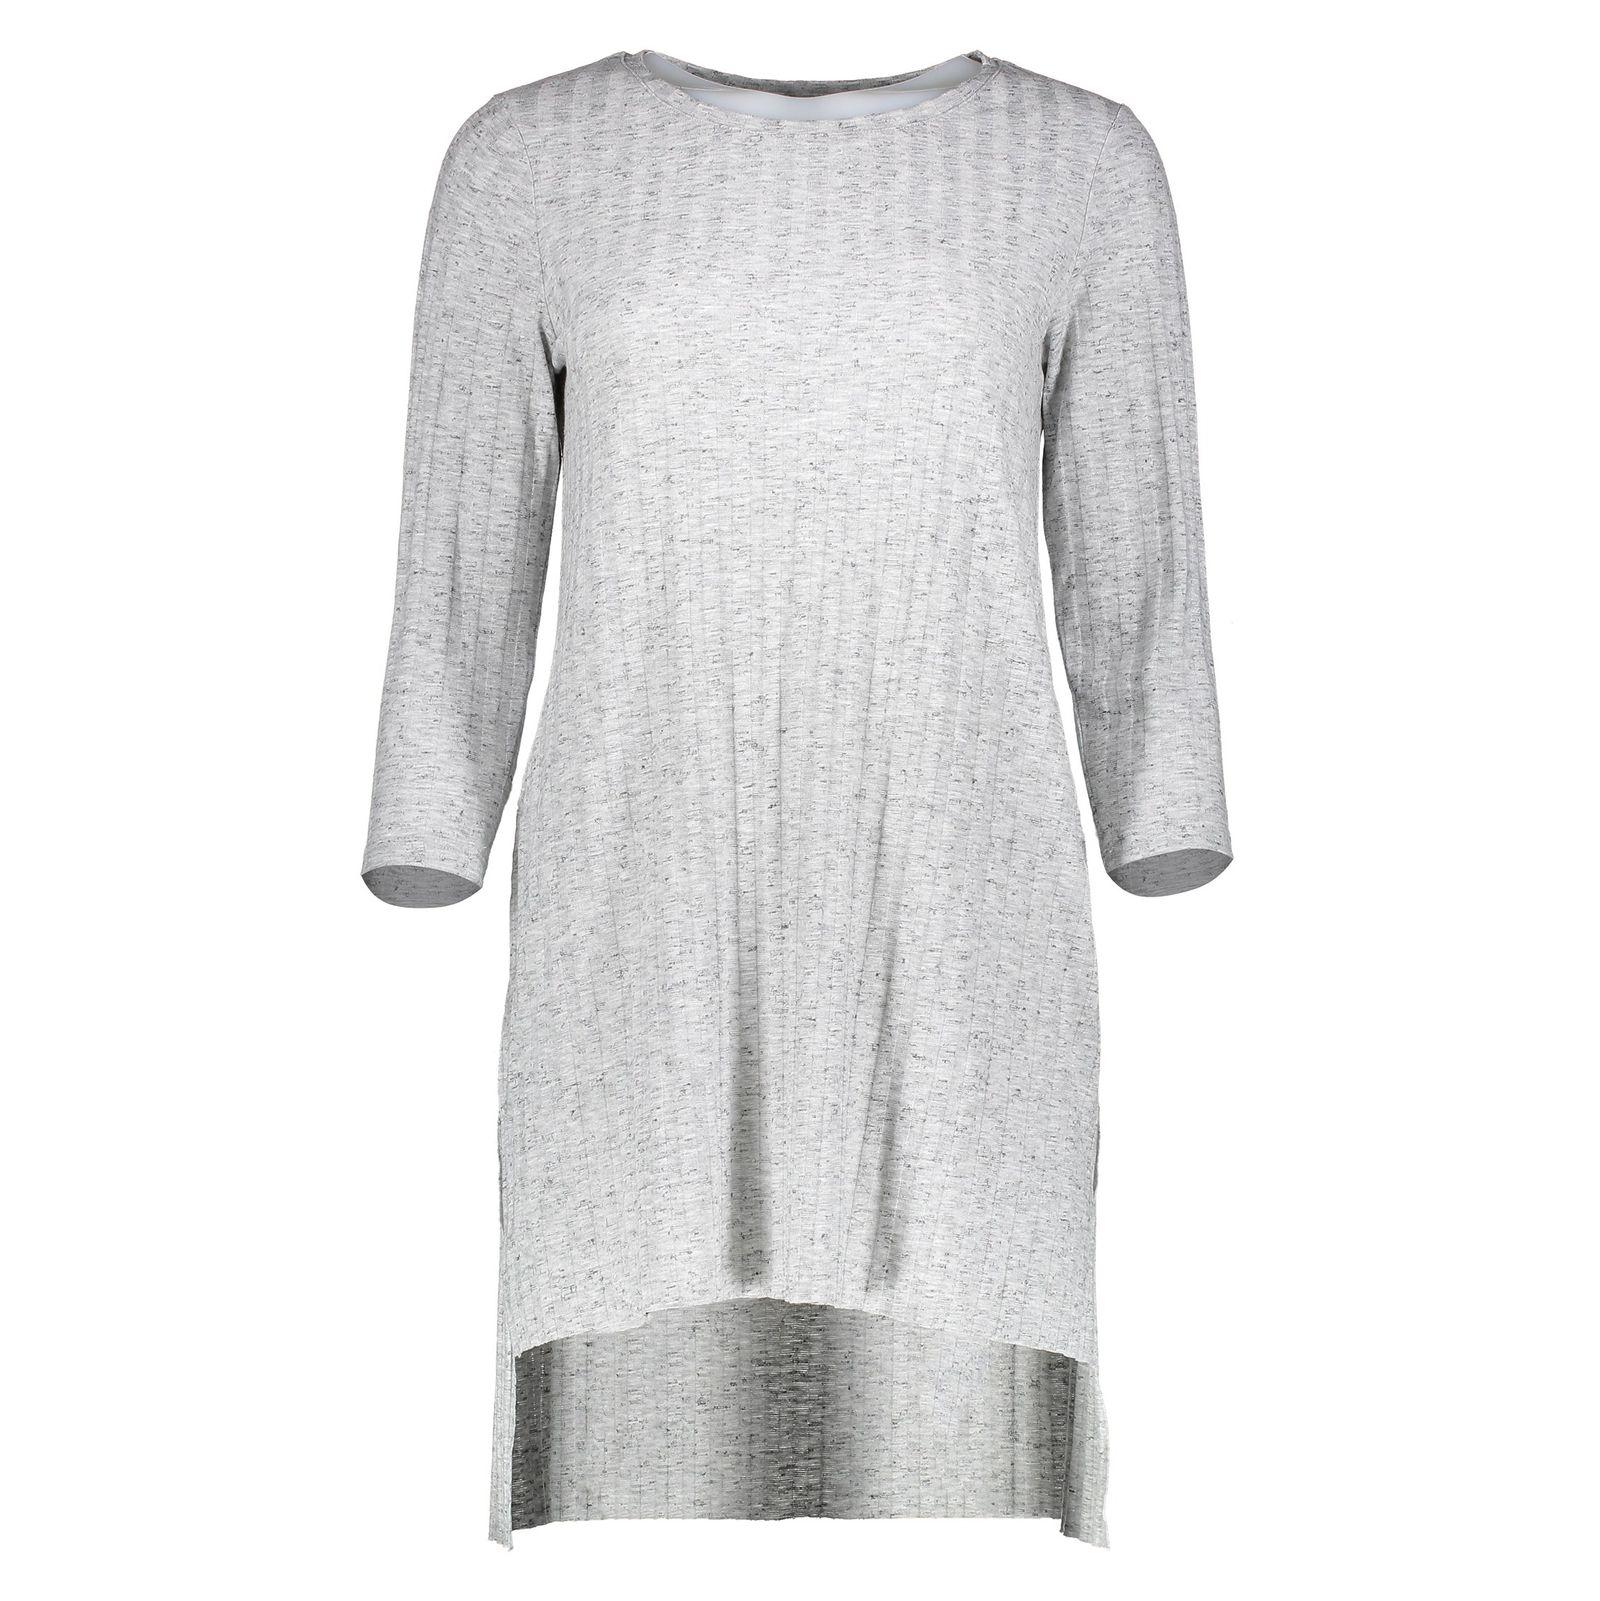 تی شرت یقه گرد زنانه - جنیفر - طوسي ملانژ - 1